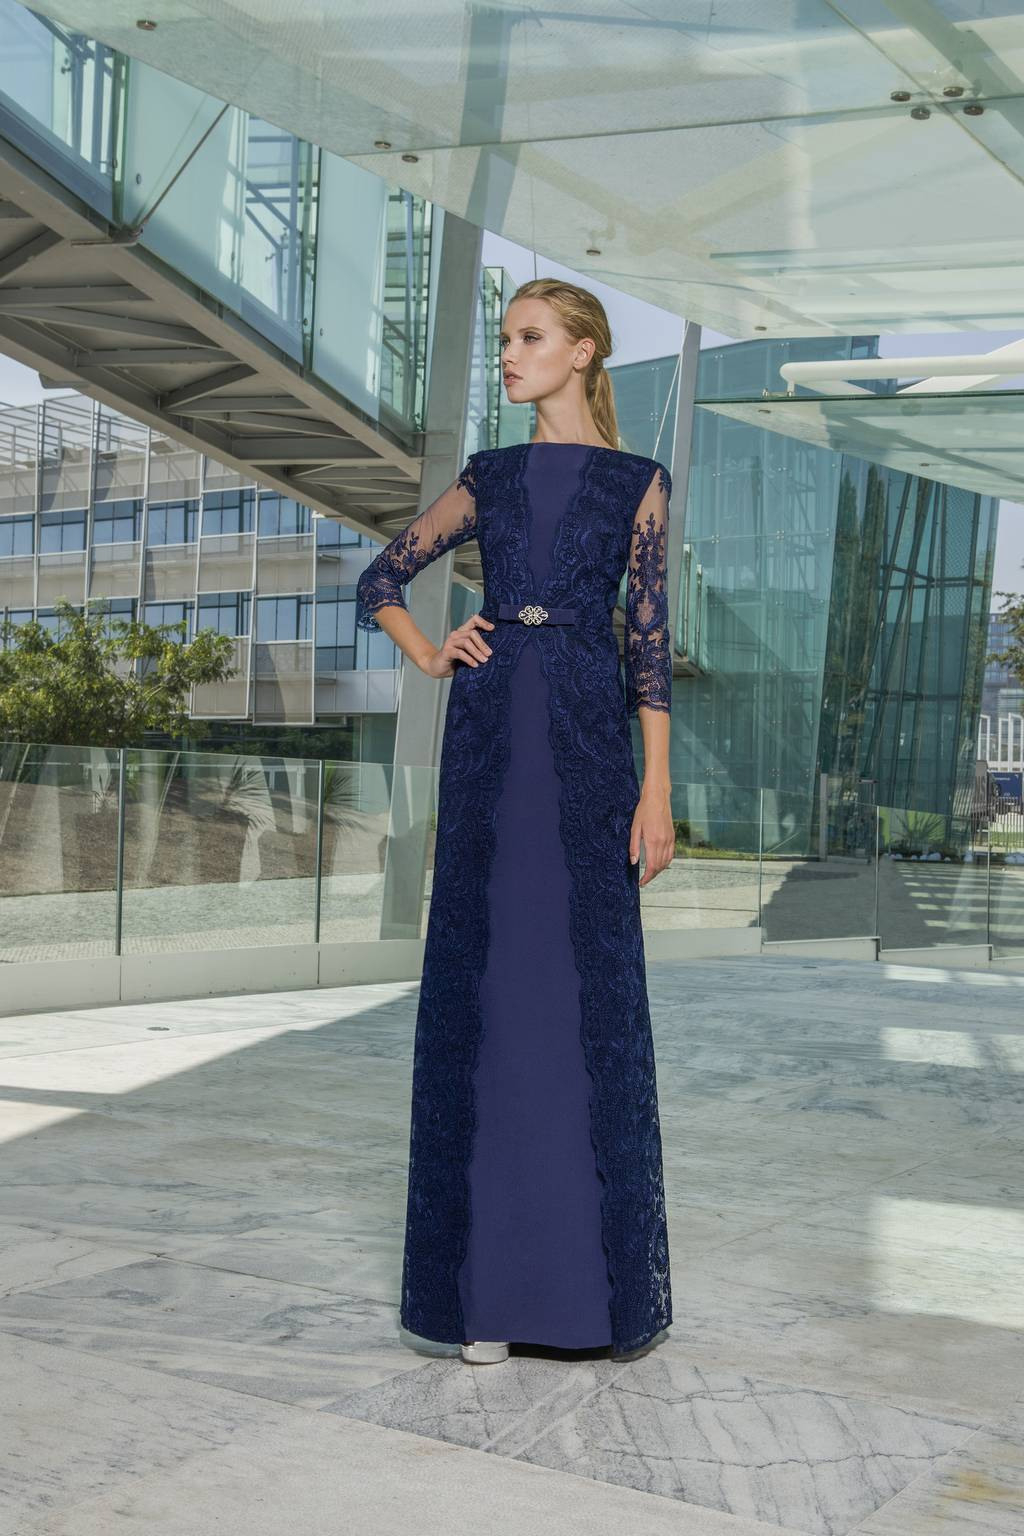 17 Schön Abendkleider Neuss ÄrmelAbend Einzigartig Abendkleider Neuss für 2019